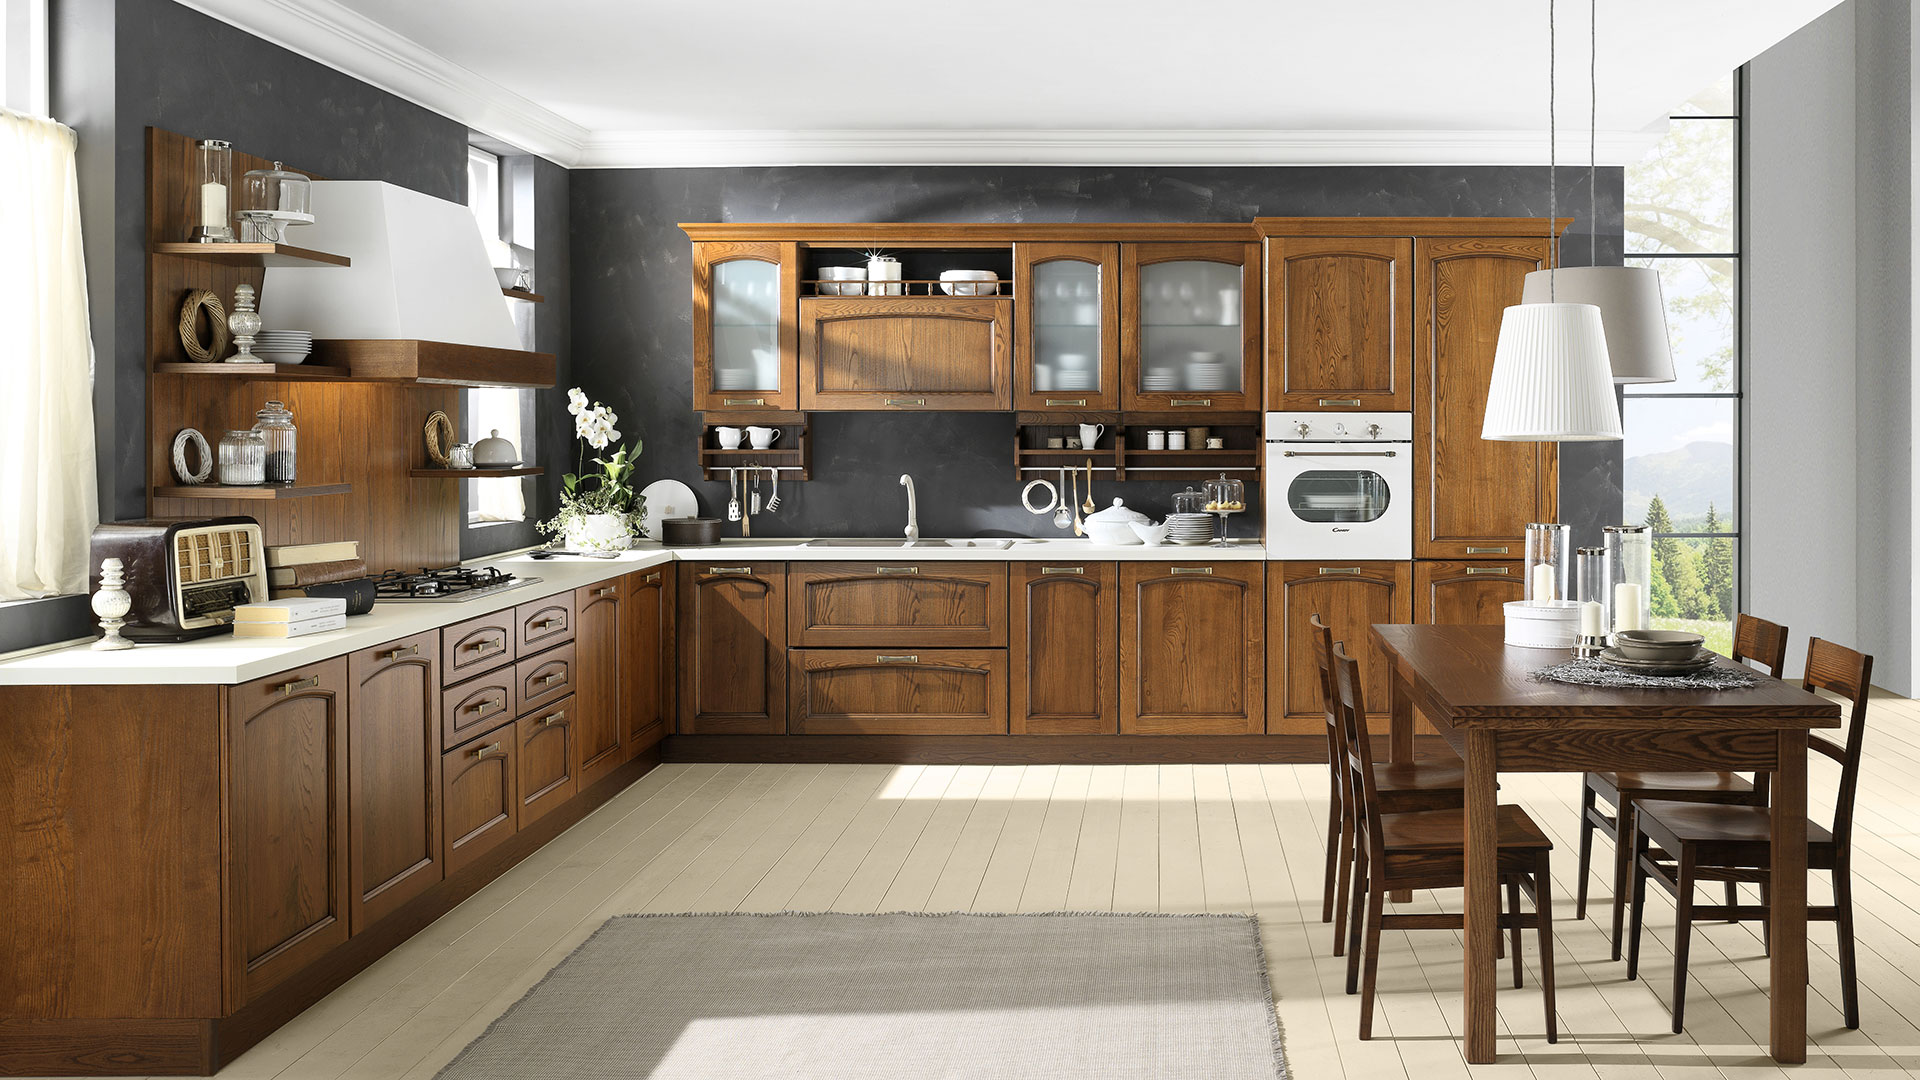 Cucine classiche evo cucine - Arredamento cucina classica ...